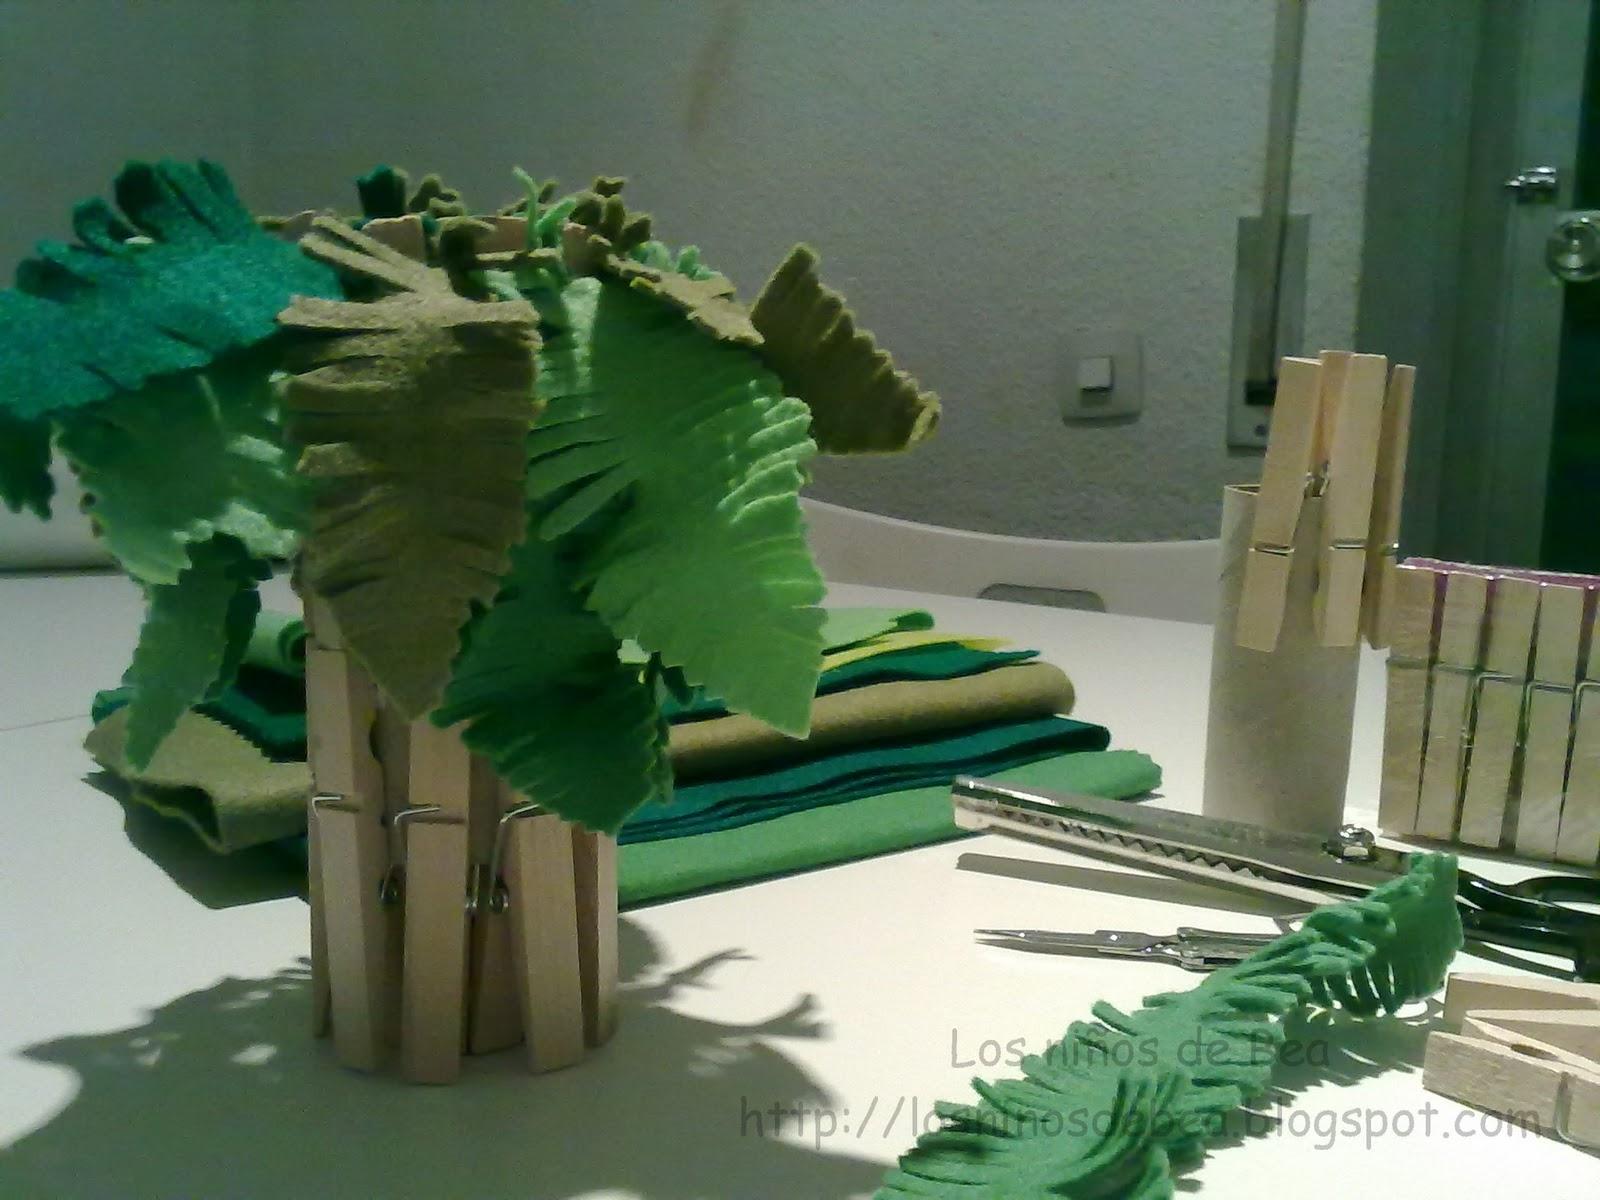 Los ni os de bea preparamos el nacimiento del colegio - Como hacer una palmera artificial ...